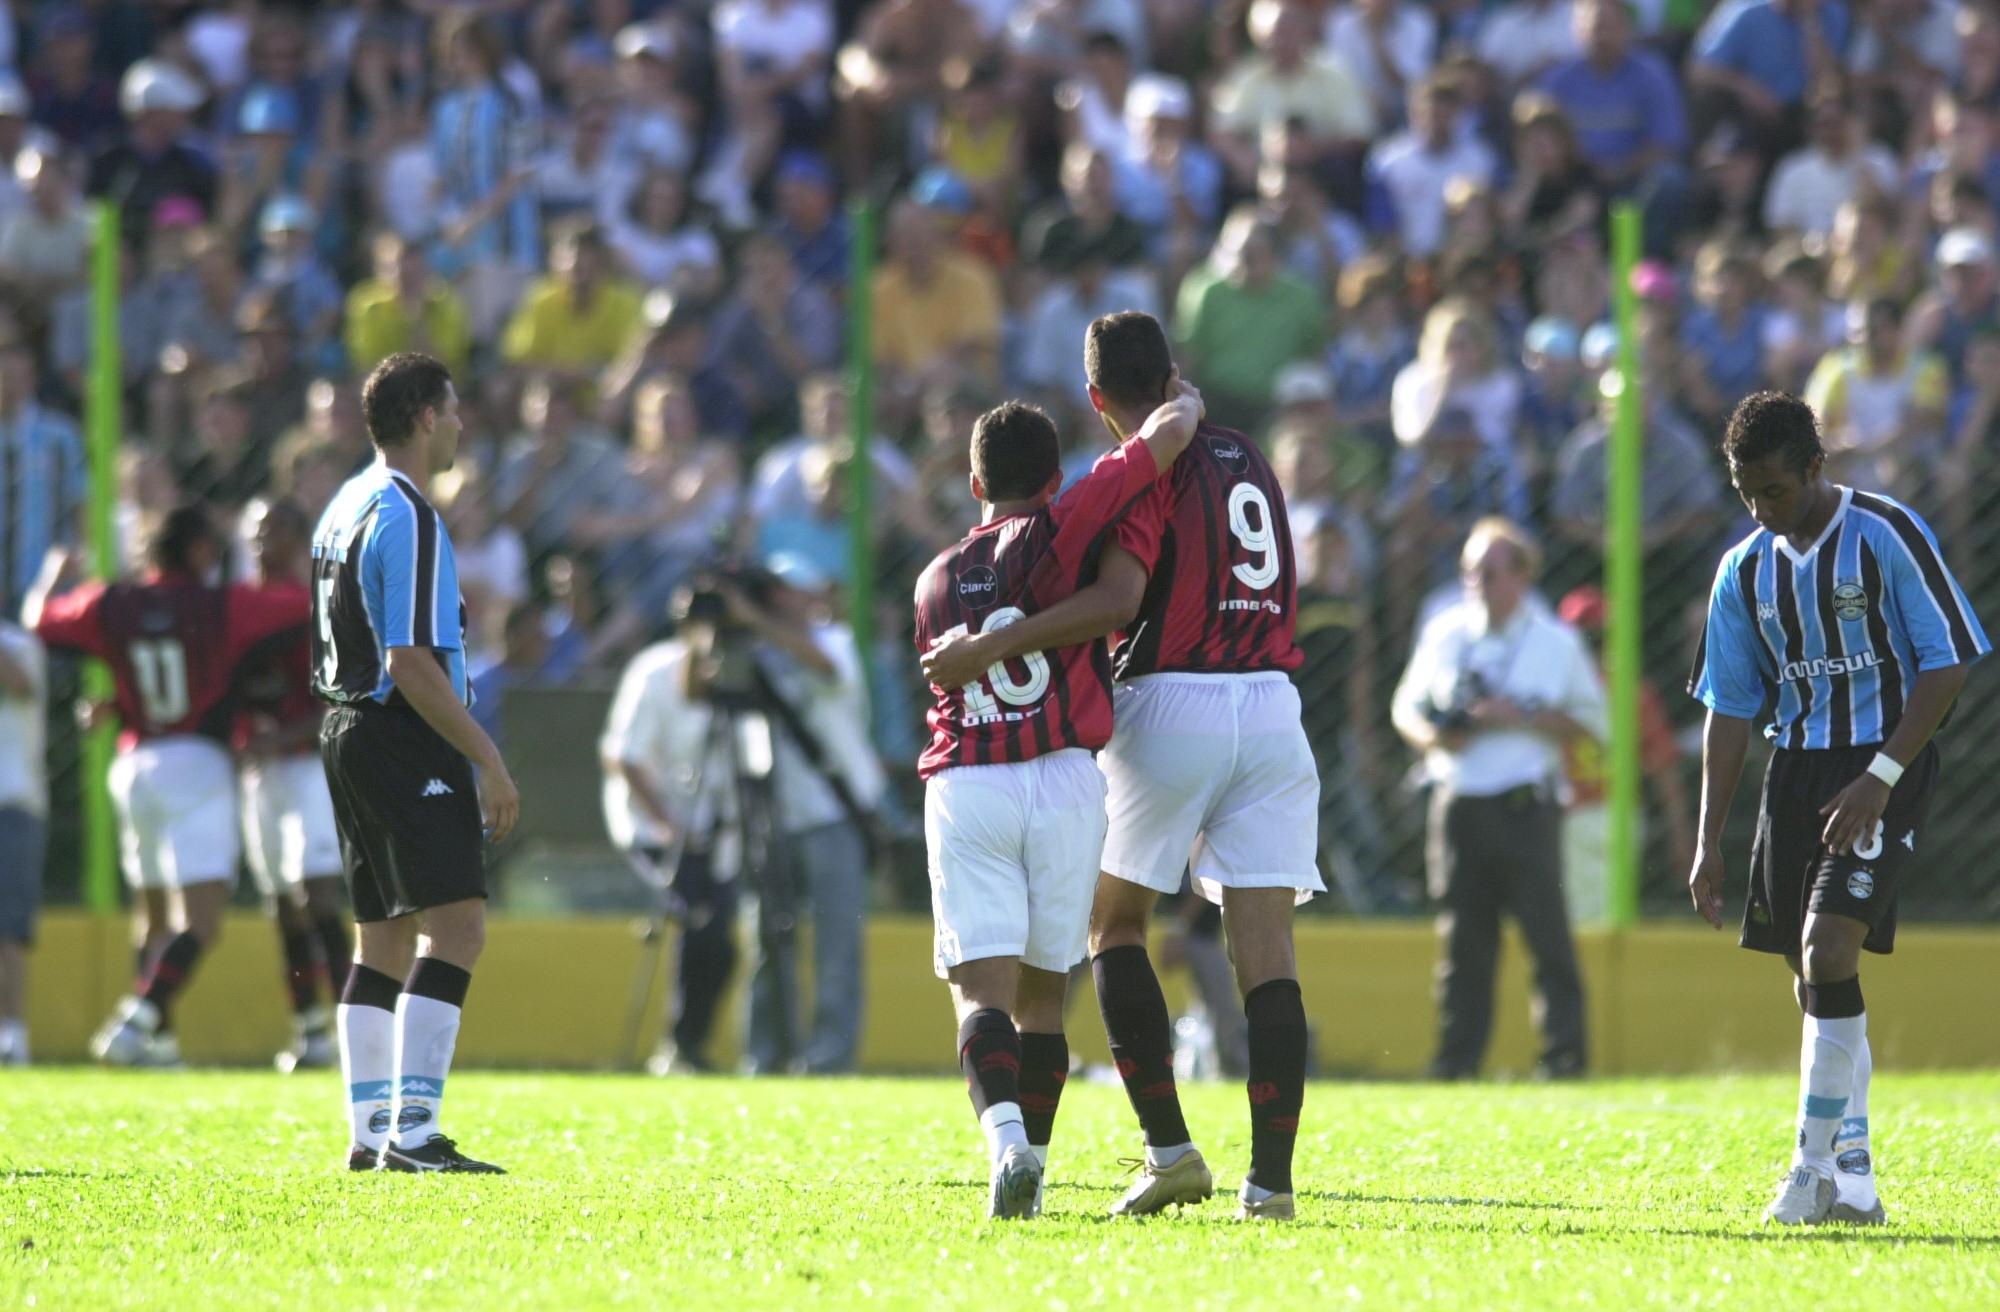 Empate surreal que rebaixou Grêmio e mudou campeão faz 10 anos  relembre  878749377d8d5